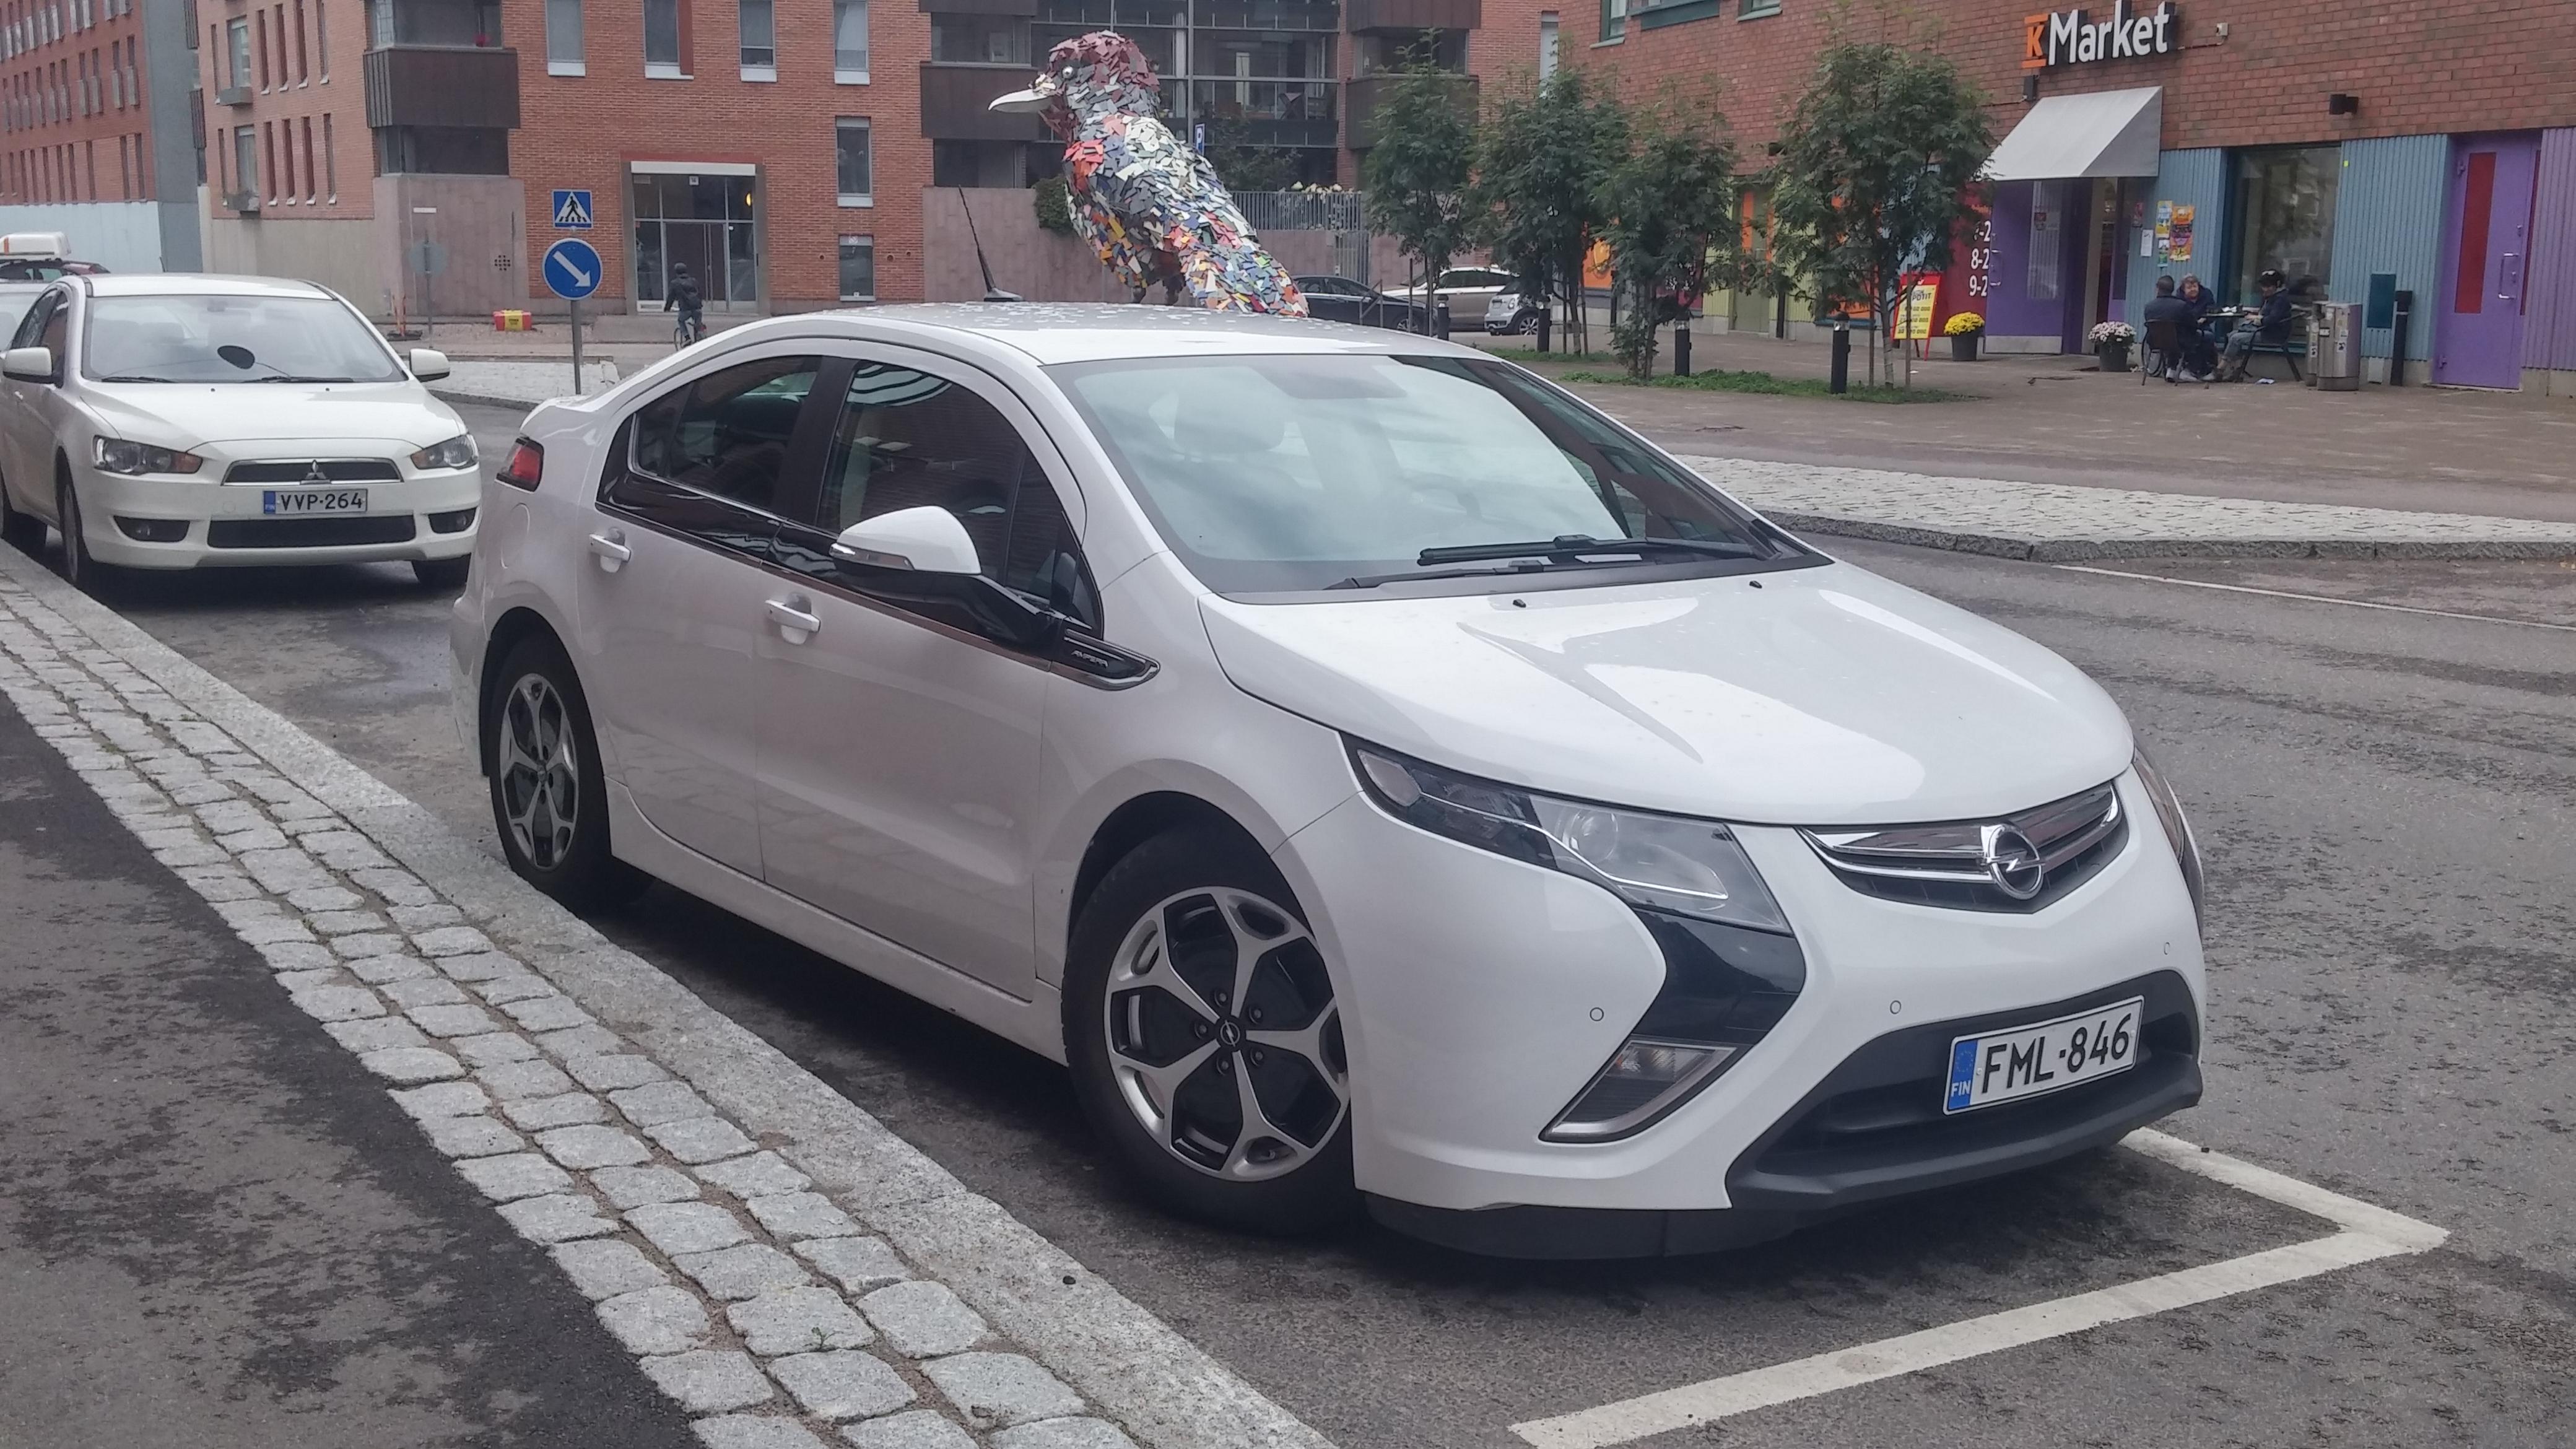 Opel Ampera - 70 km uz elektrības un vienā rāvienā līdz Liepājai 2